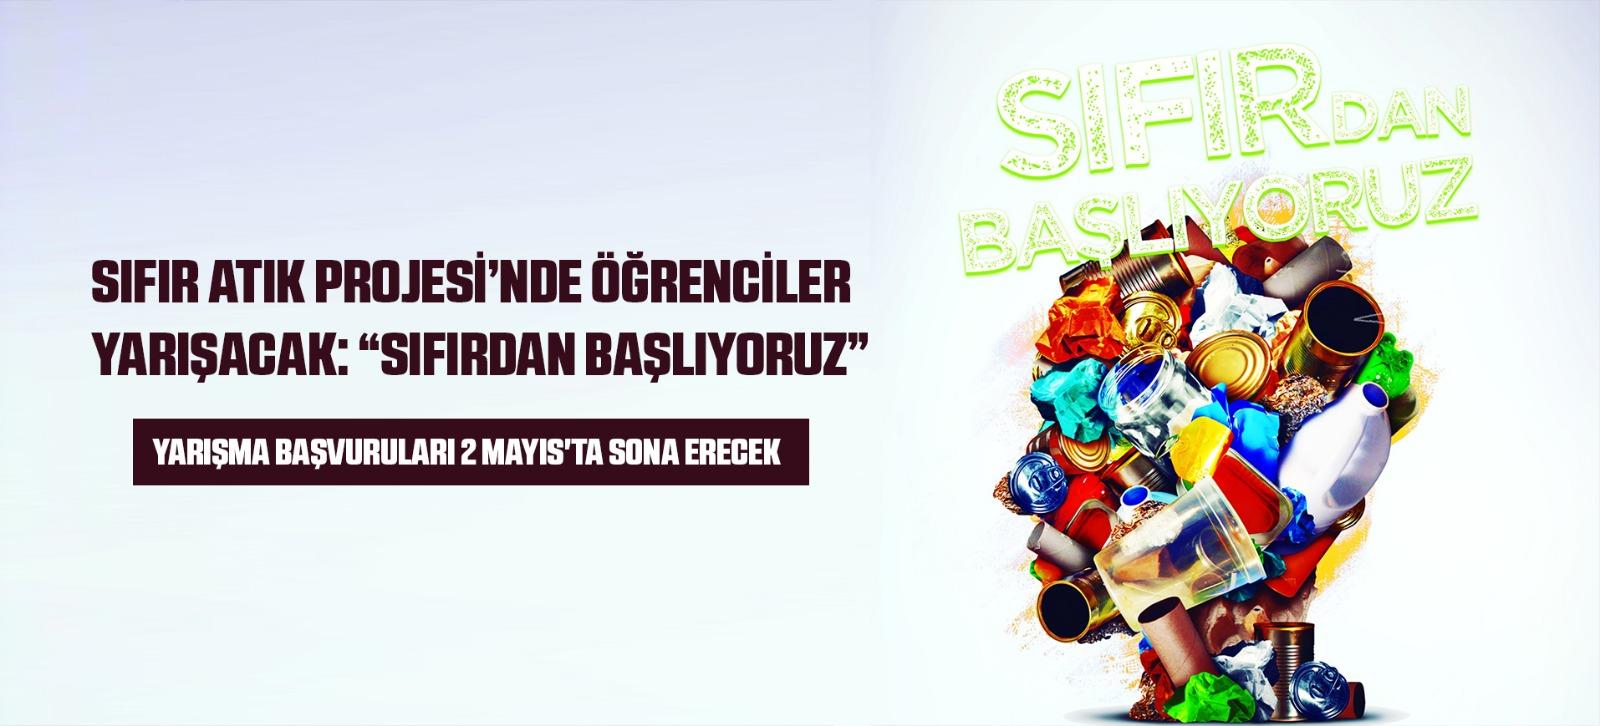 """SIFIR ATIK PROJESİ'NDE ÖĞRENCİLER YARIŞACAK: """"SIFIRDAN BAŞLIYORUZ"""""""